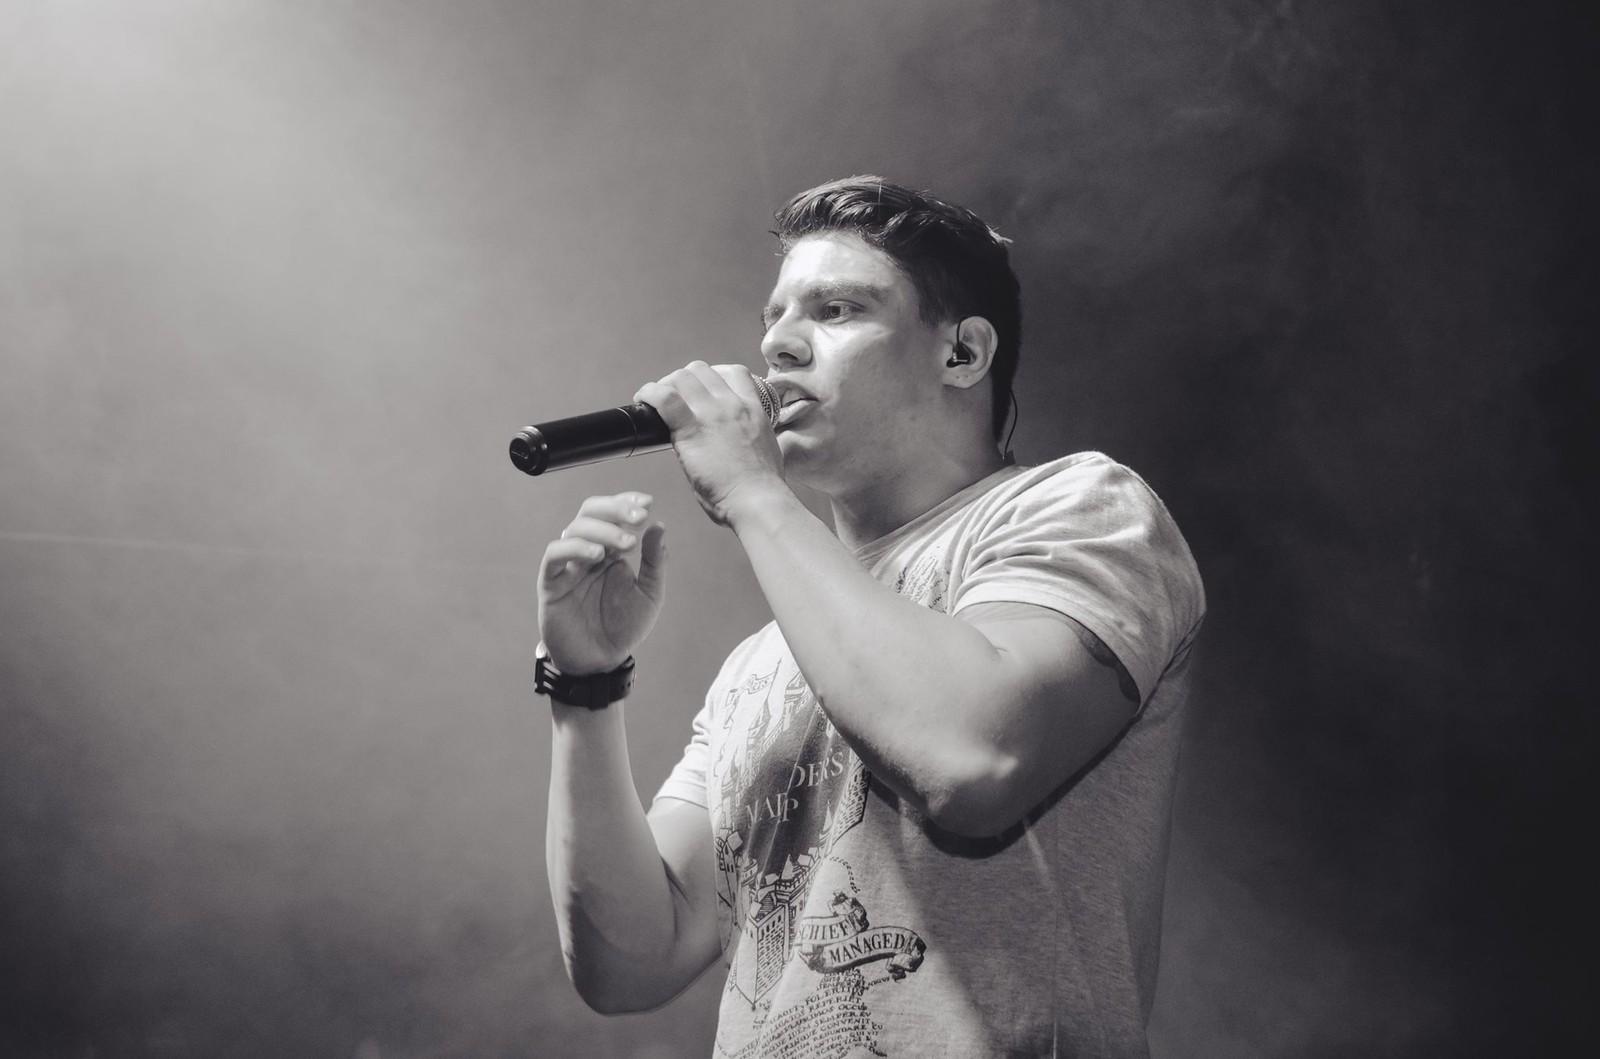 Jovem cantor da música sertaneja, Guilherme Palaia, que morreu nessa quinta-feira (Foto: Reprodução/Insagram)